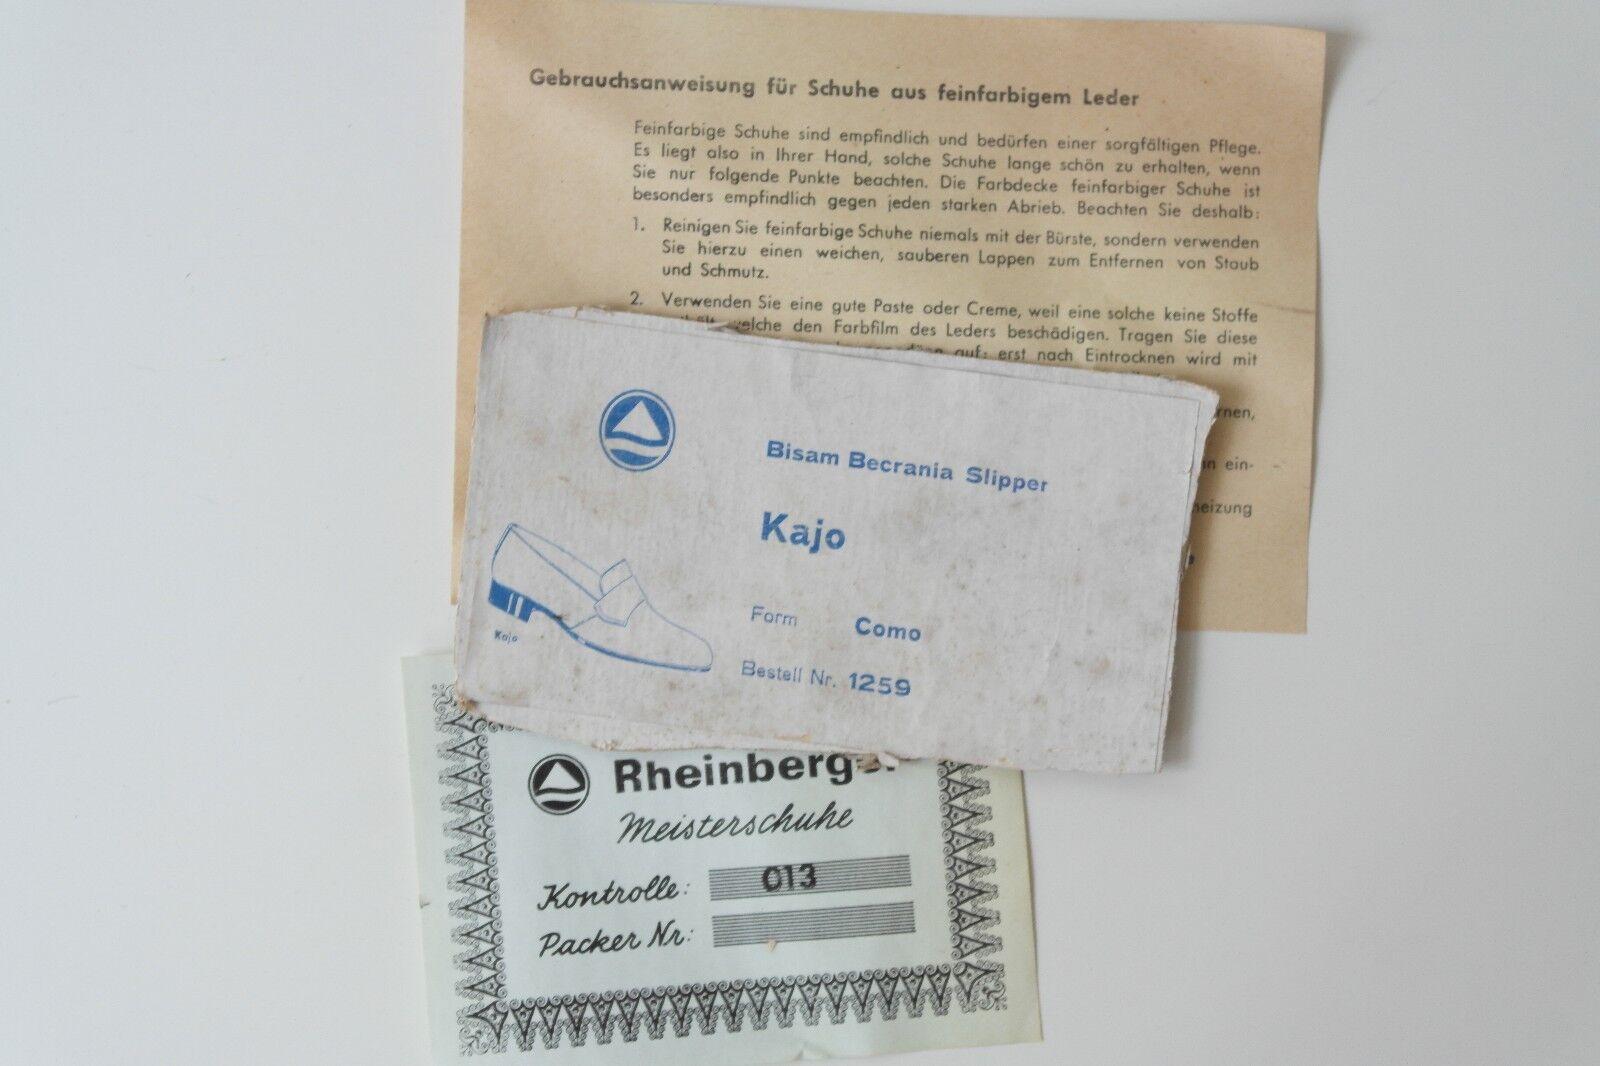 Rheinberger Slipper Meisterschuhe Schuhe Halbschuhe Slipper Rheinberger Rockabilly NOS True VINTAGE 48b782